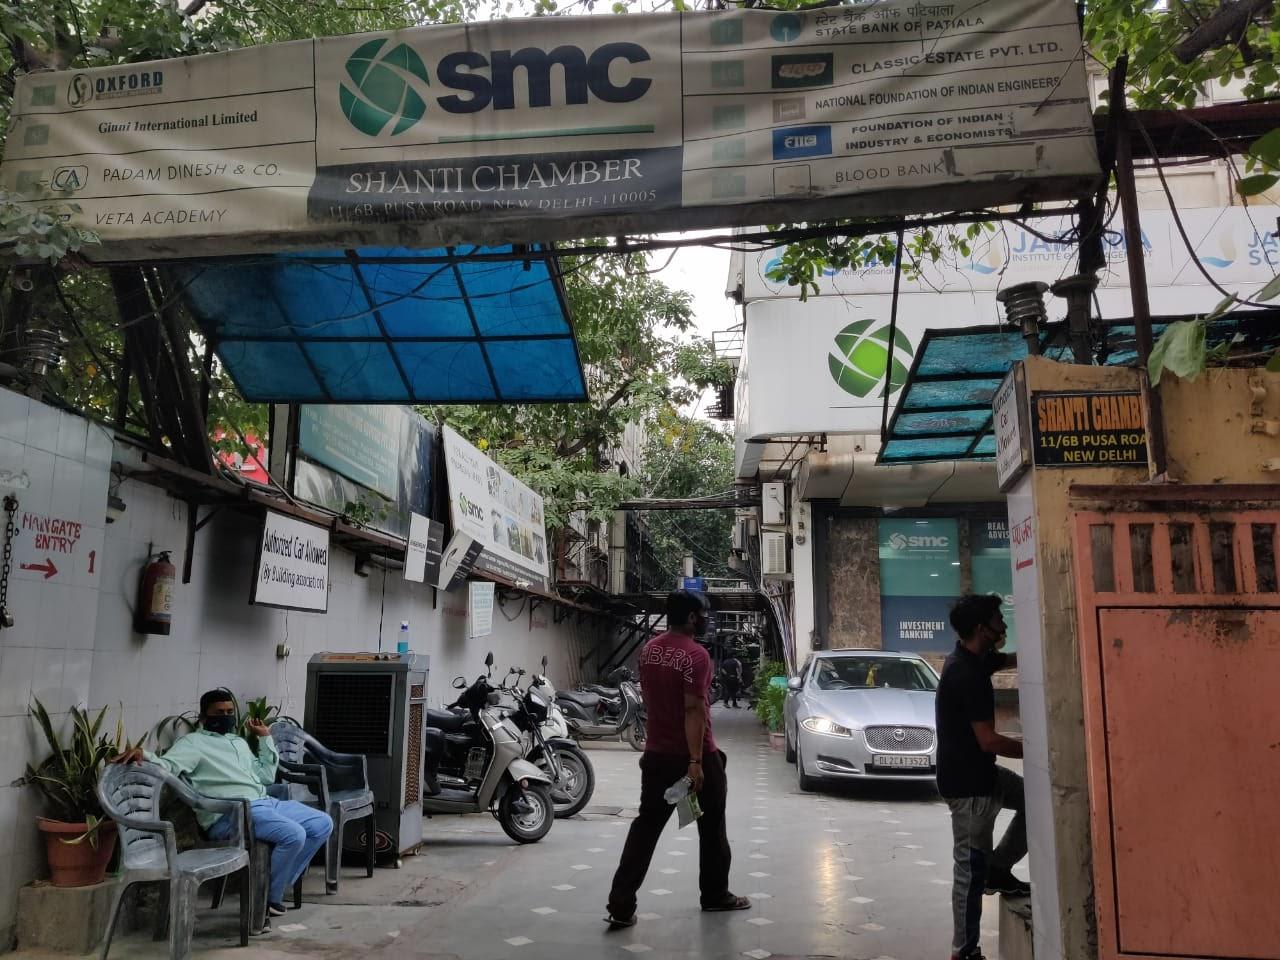 दिल्ली की पूसा रोड पर वह शांति चैम्बर्स जहां कॉल फॉर जस्टिस का रजिस्टर्ड ऑफिस बताया गया है।- फोटो: संध्या